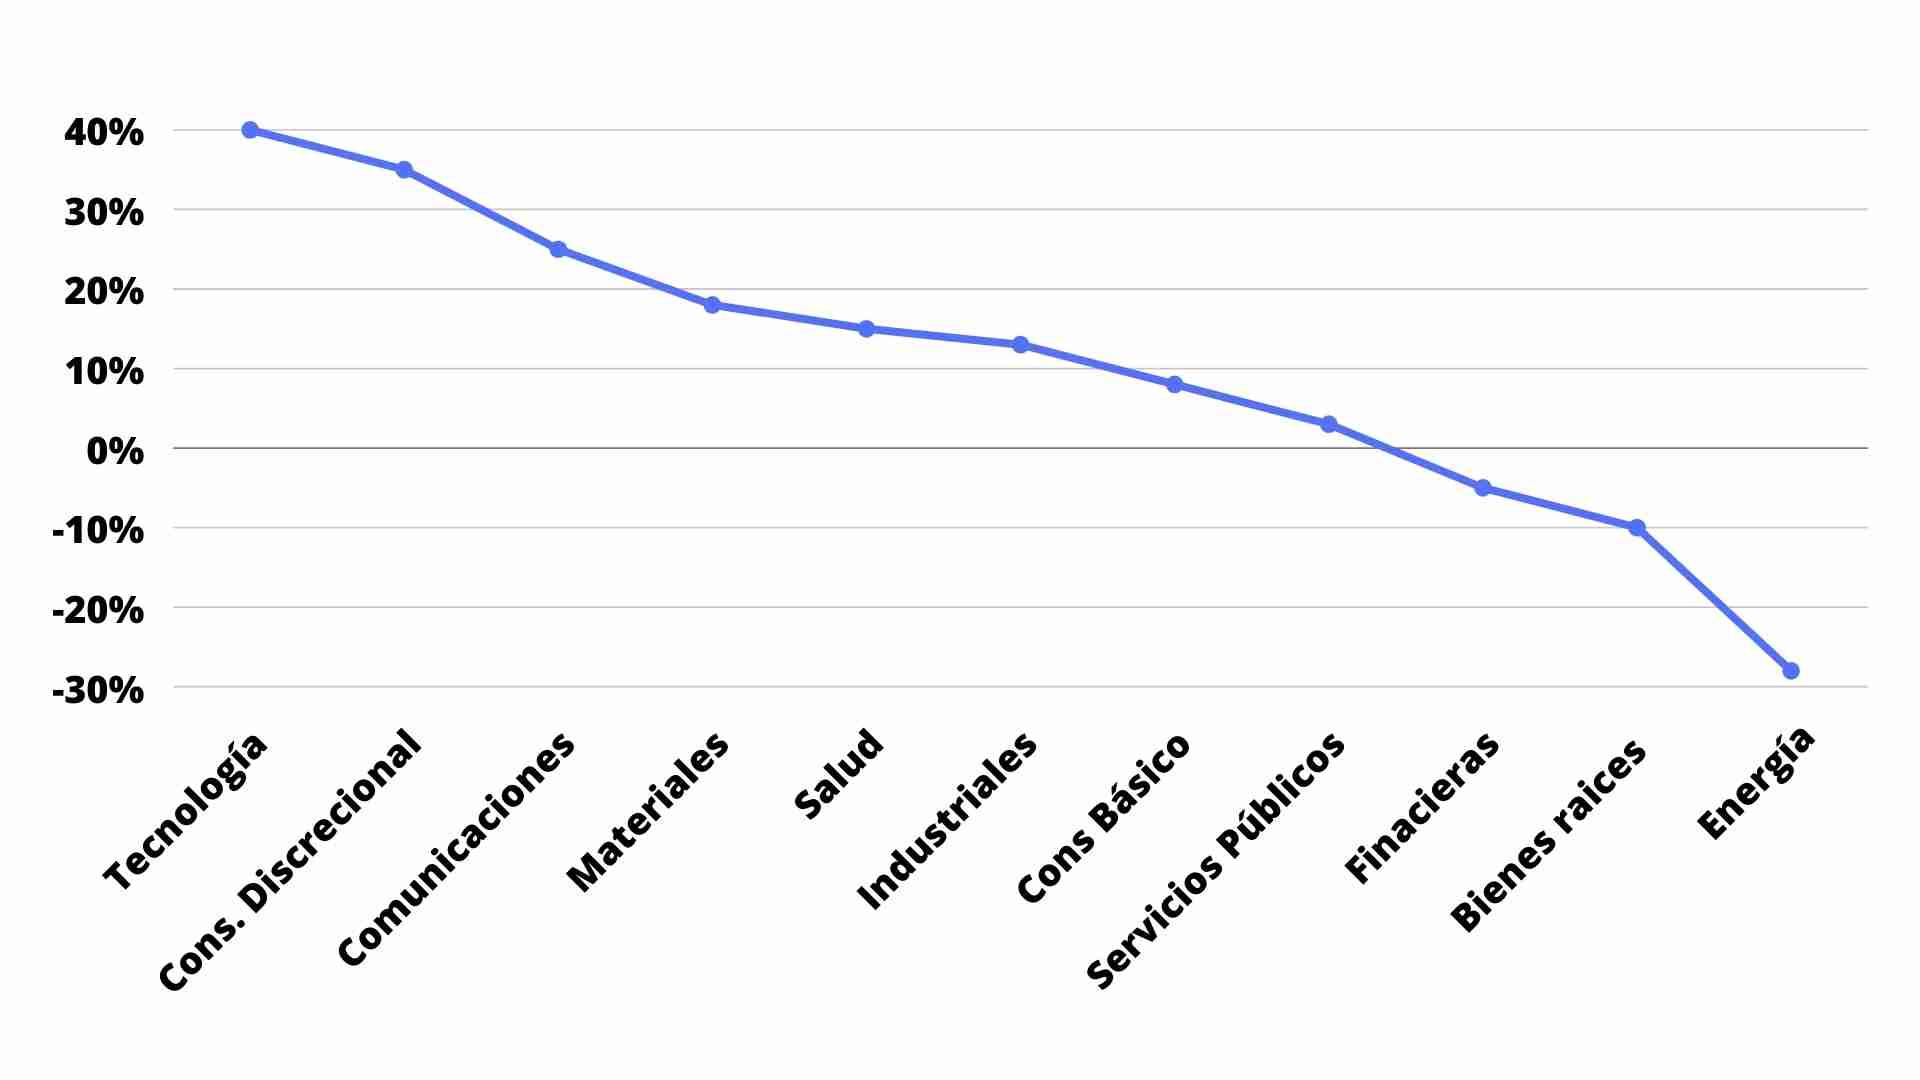 Tendencias para el 2021 - Gráfico Conozca como cual es el Desempeño de los mercados basados en datos historicos del 2020 con ayuda de Consultores Certificados ClandBus